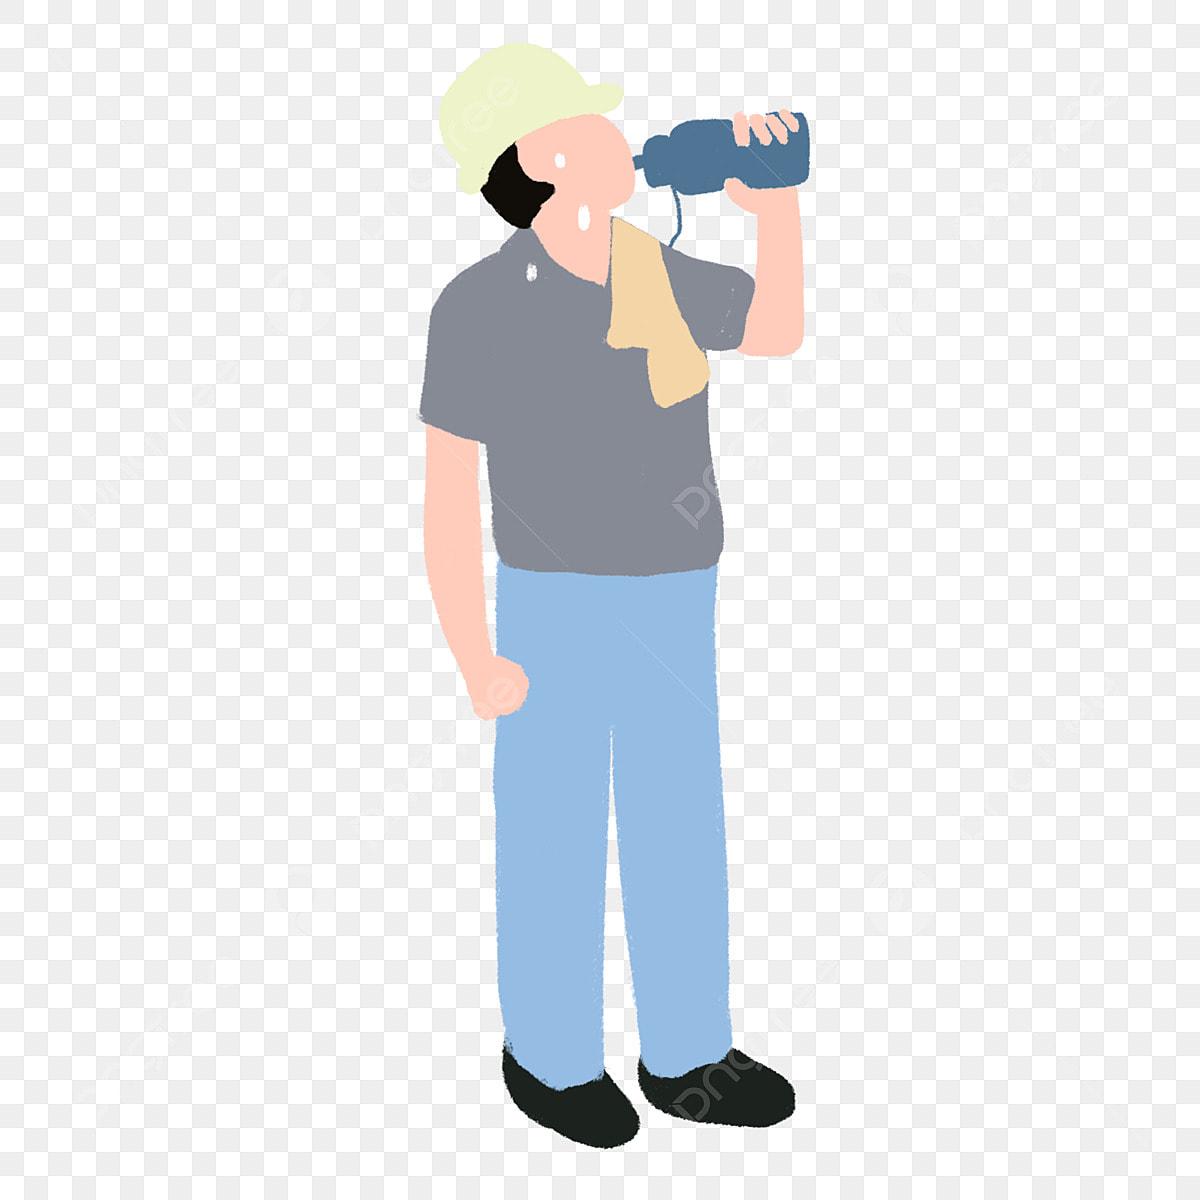 مرسومة باليد رسم كاريكتوري تصنيف ماء الشرب Worker عامل شرب الماء واقفا Png وملف Psd للتحميل مجانا